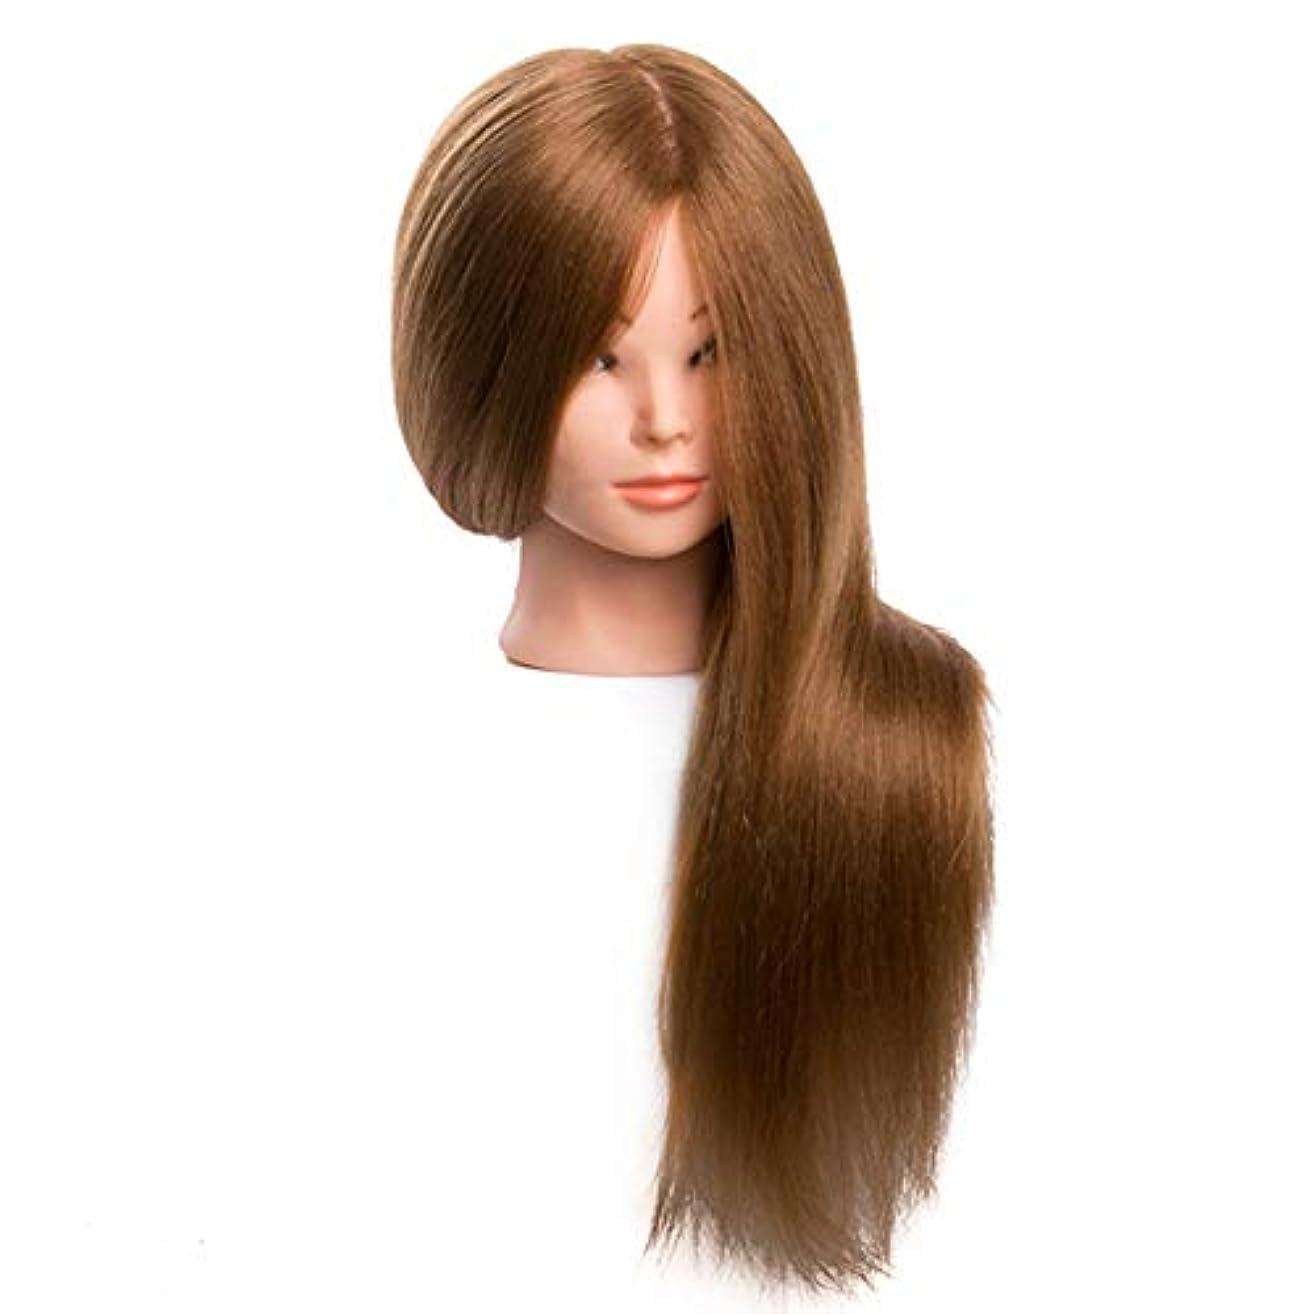 妻苦いソートサロンエクササイズヘッド金型メイクディスクヘアスタイリング編組ティーチングダミーヘッド理髪ヘアカットトレーニングかつら3個